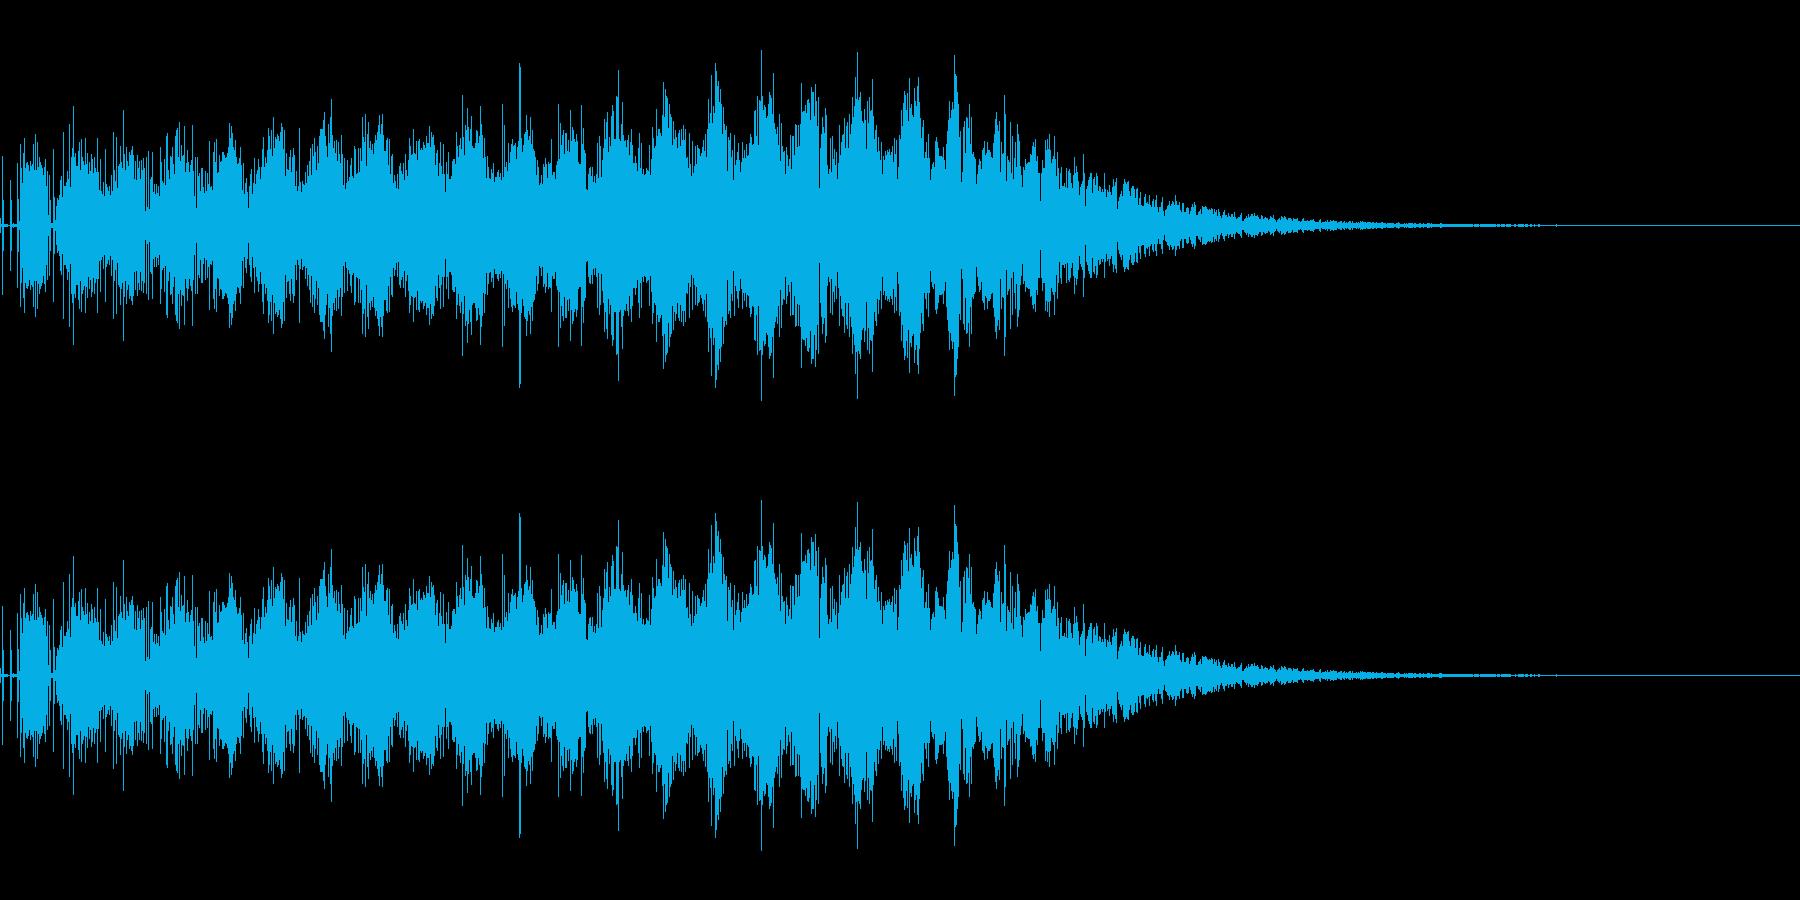 少し力を溜めてビーム発射(SF/宇宙)の再生済みの波形